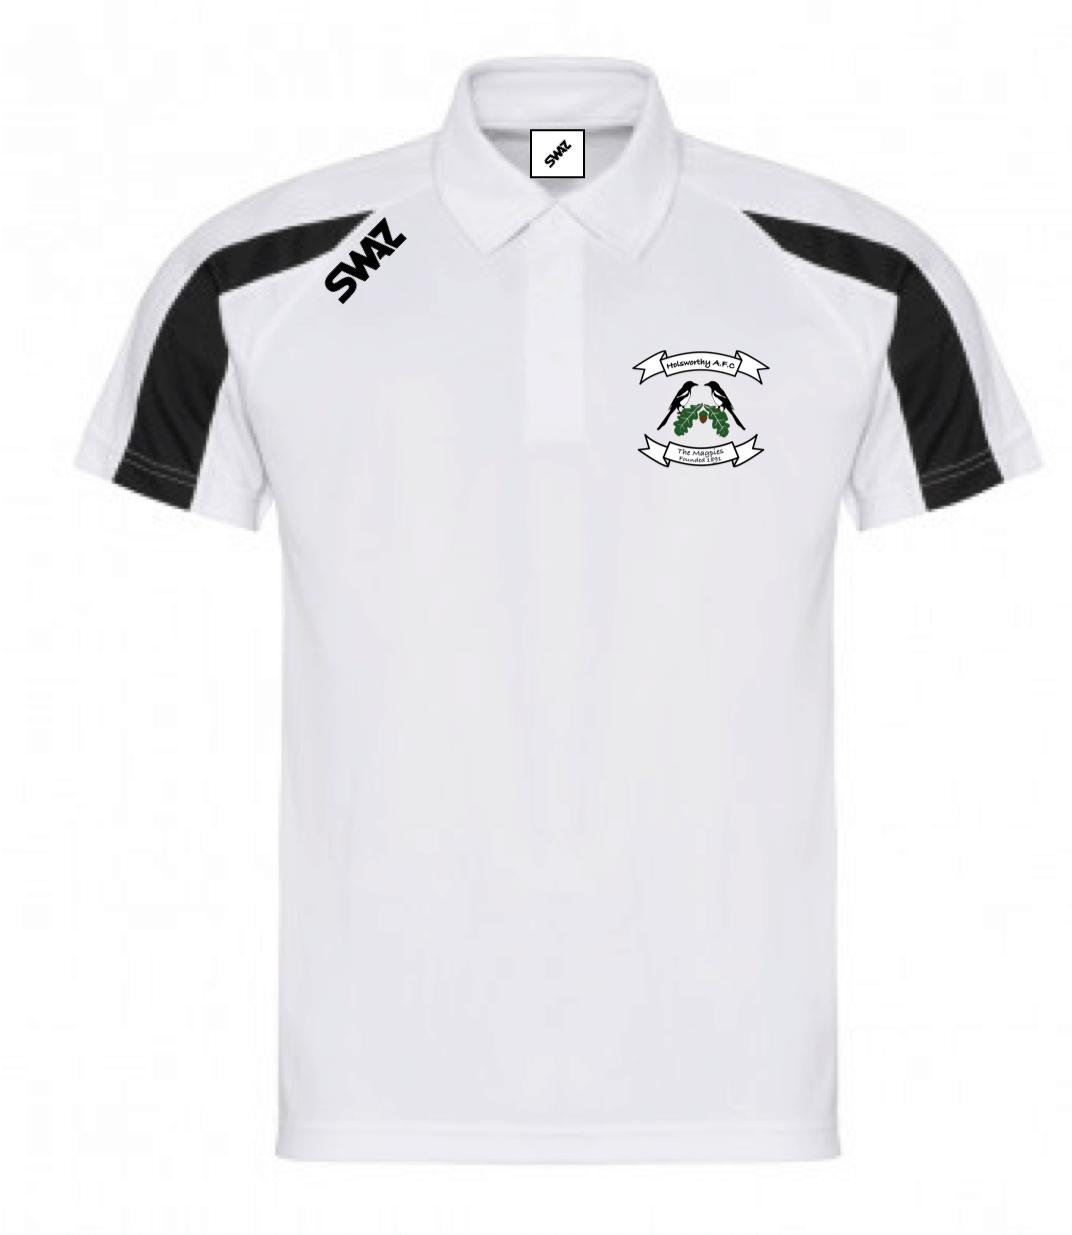 Holsworth AFC Polo | SWAZ Teamwear | Football Kit Supplier